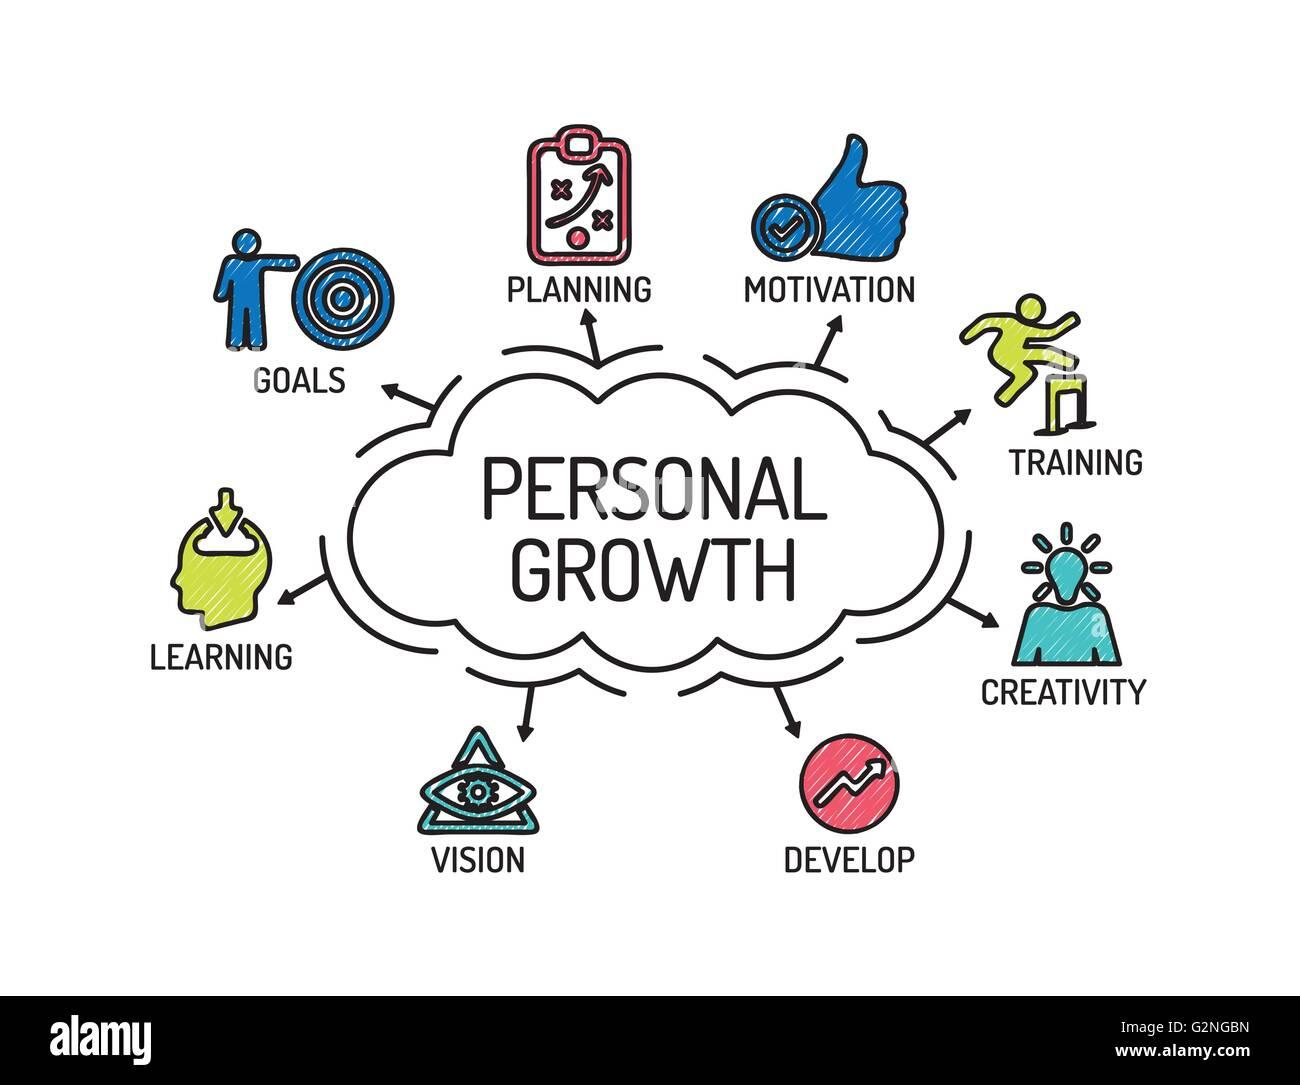 Crecimiento Personal. Gráfico con iconos y palabras clave. Sketch Imagen De Stock